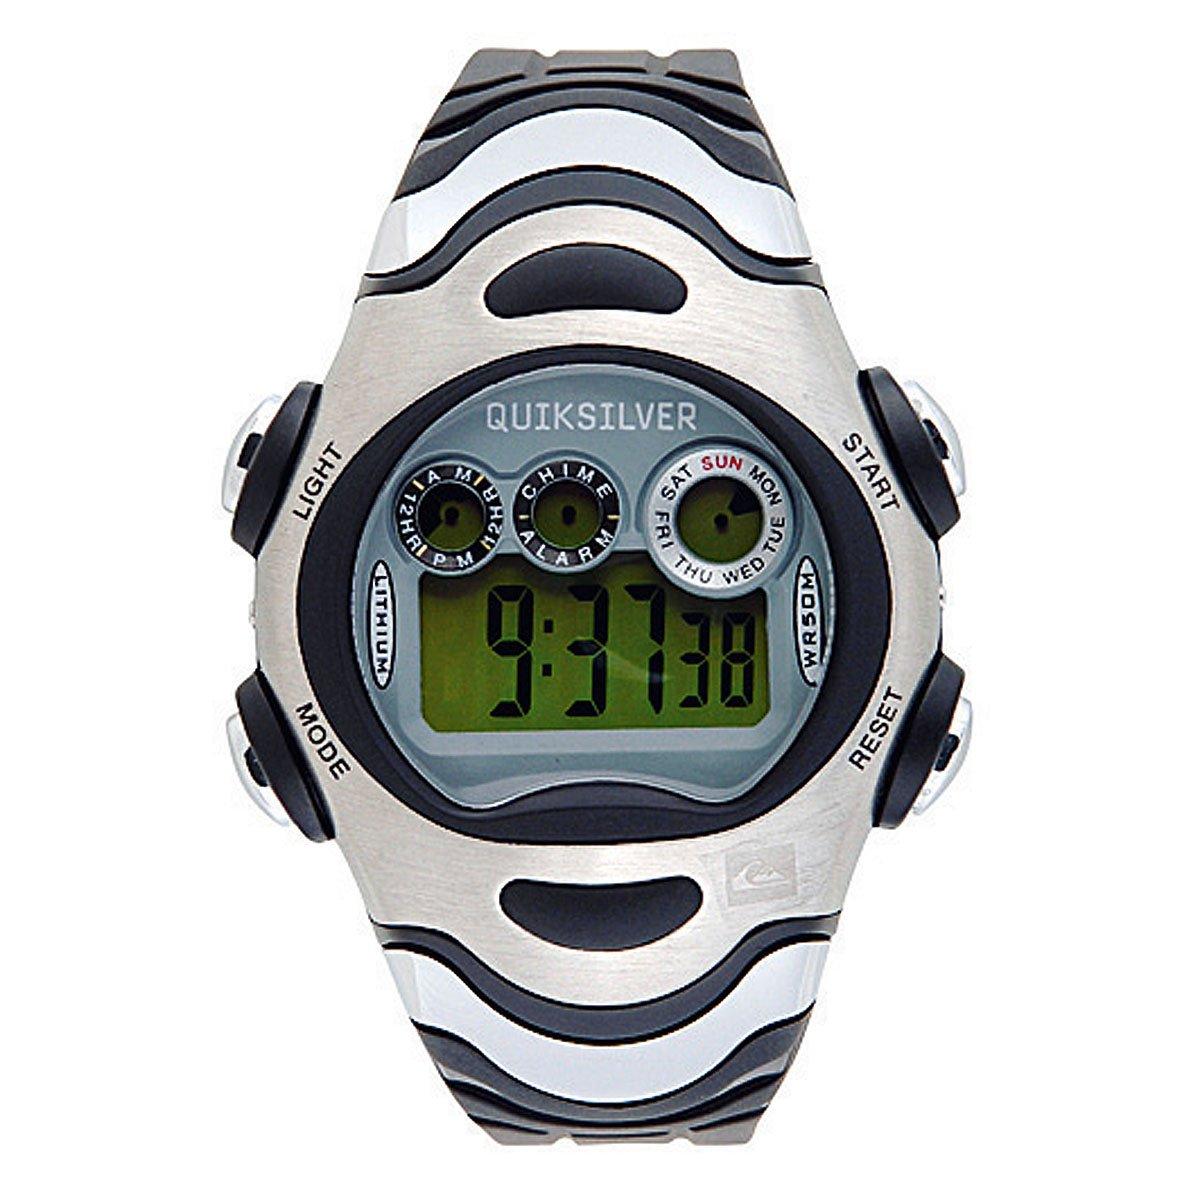 Quiksilver Y012DR 2T BLK - Reloj digital infantil de cuarzo con correa de plástico plateada (alarma, luz, cronómetro): Amazon.es: Relojes